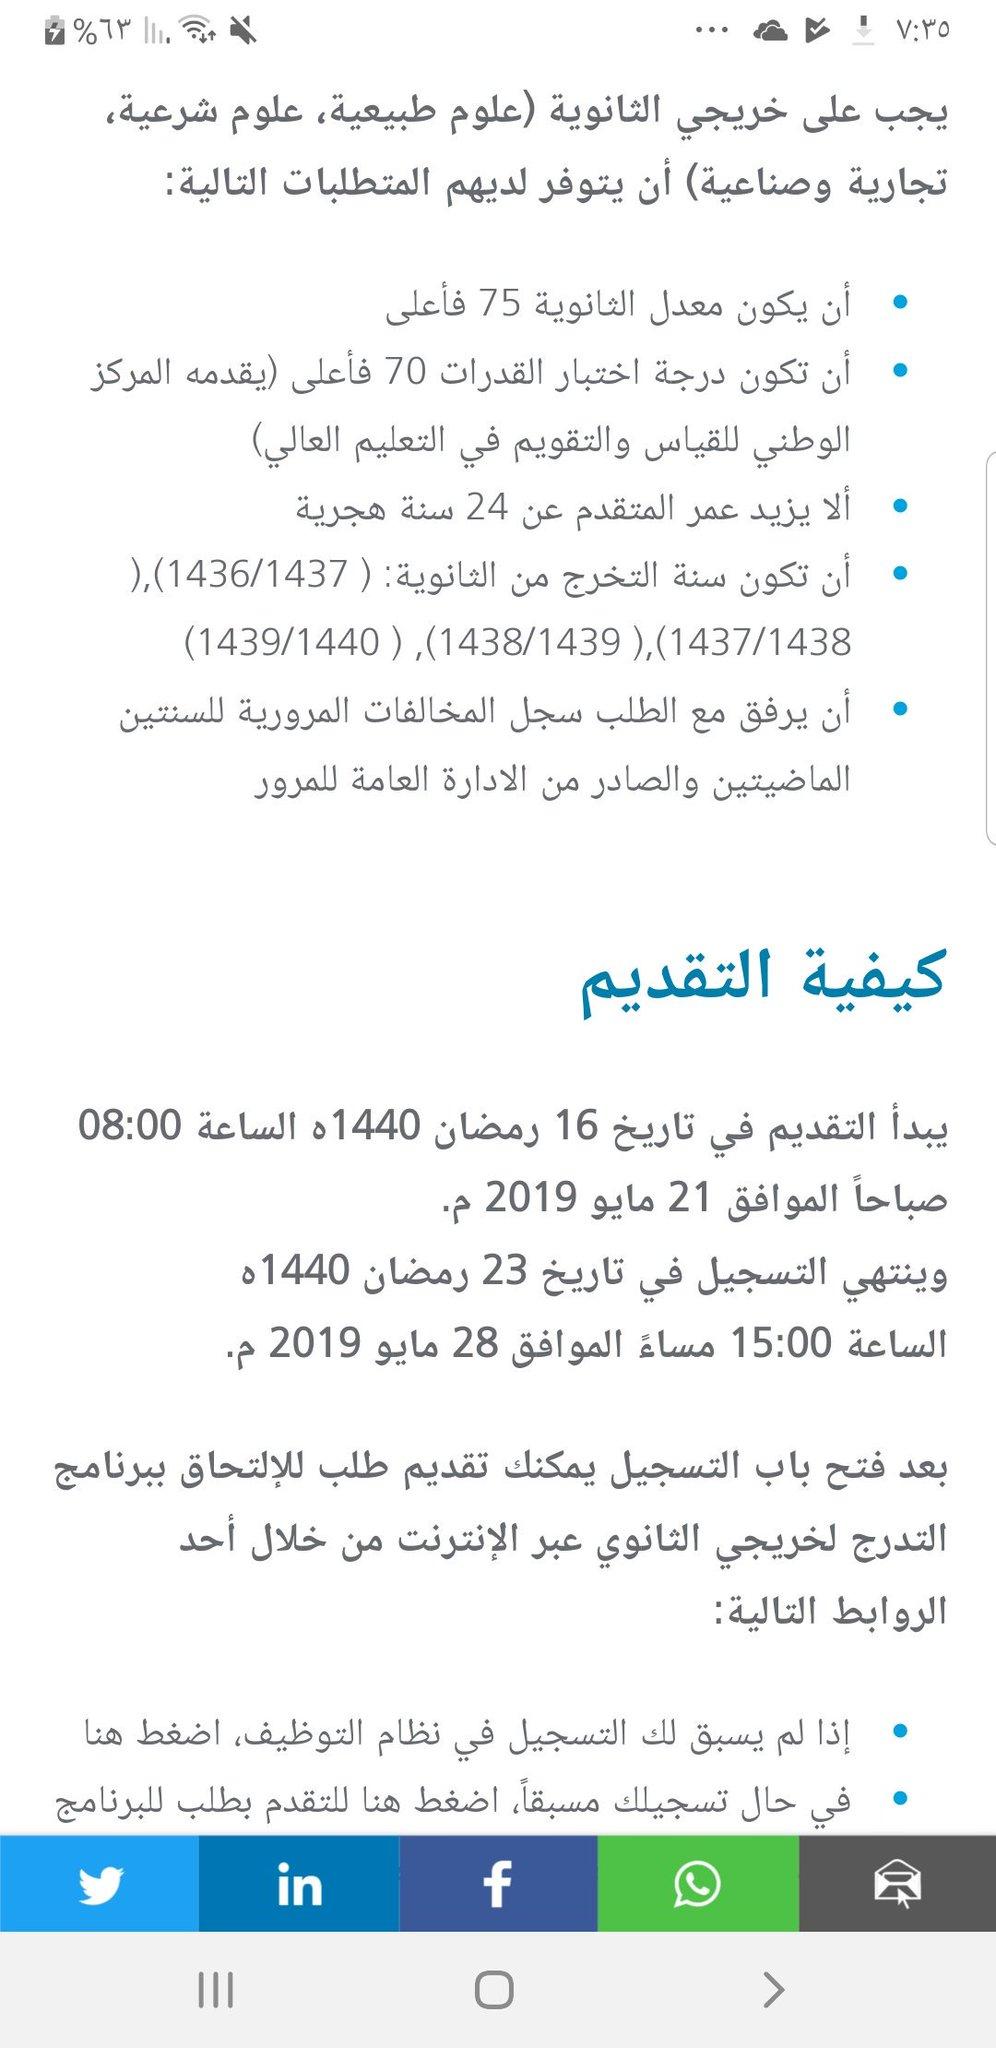 علي العاصمي G20 No Twitter لخريجي الثانوية العامة علمي أدبي اداري بدء التسجيل في ارامكو برنامج التدرج لخريجي المرحلة الثانوية Itc يبدأ التسجيل يوم الثلاثاء ١٦ رمضان ١٤٤٠ مزيد من